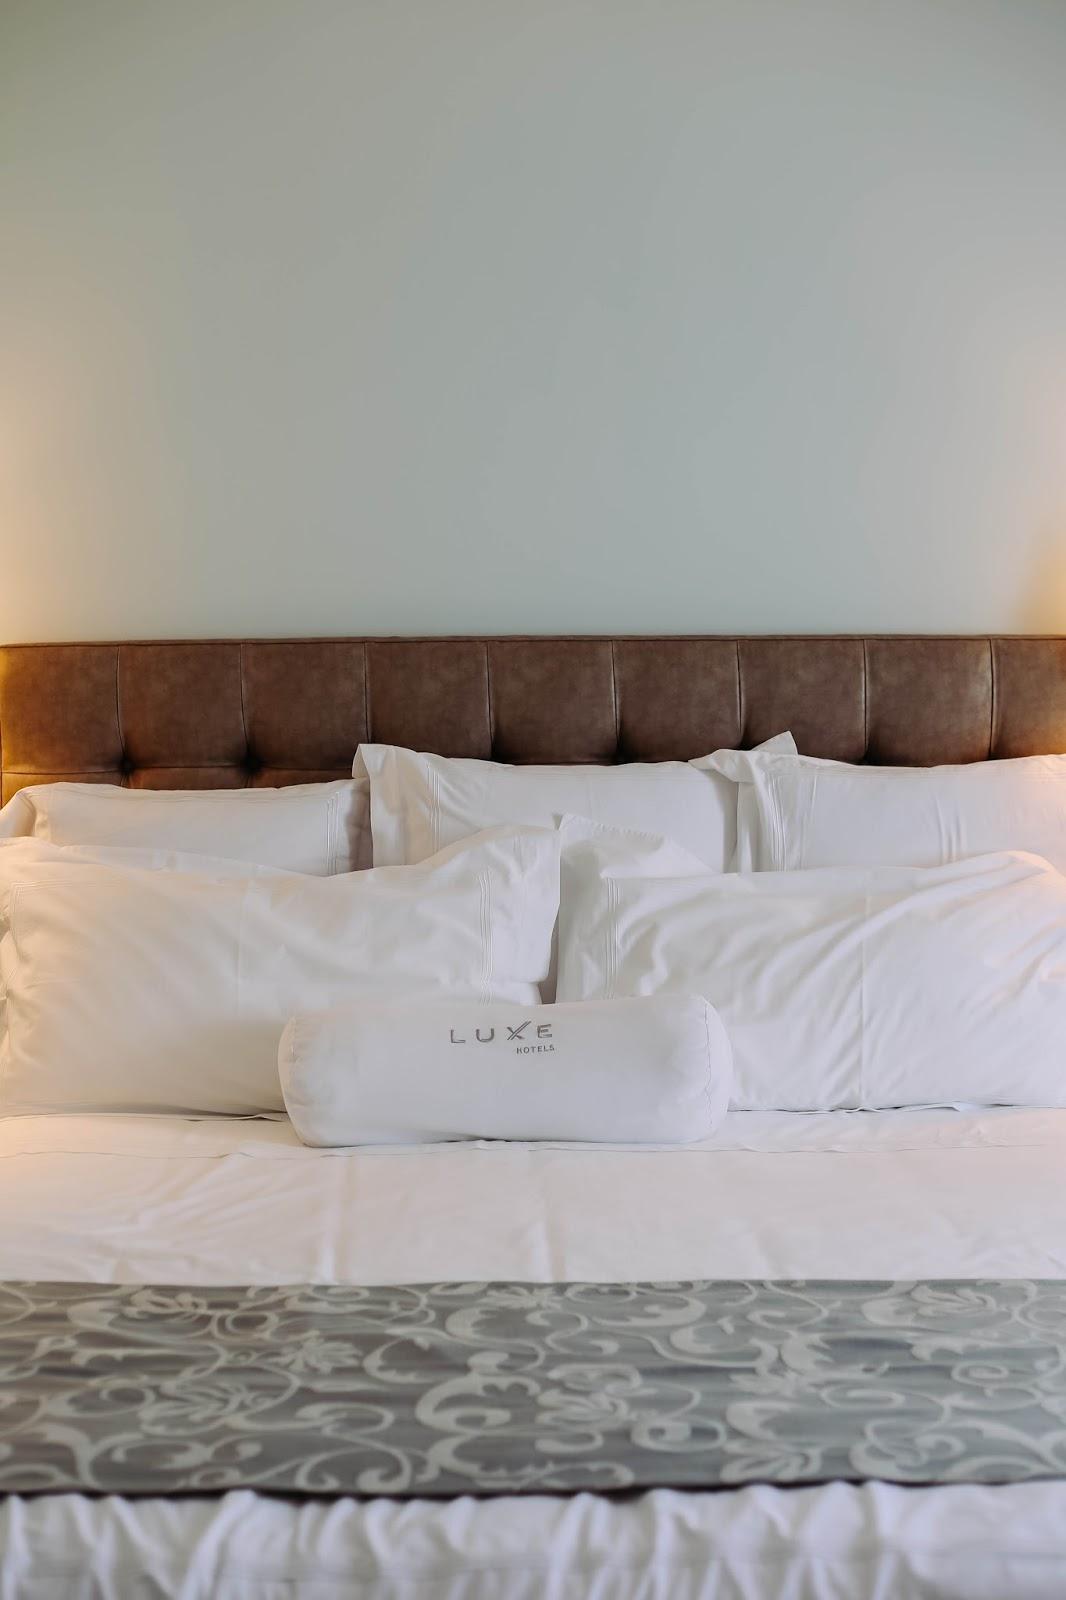 mybelonging-luxehotels-rodeodrive-dayinthelife-4.jpg